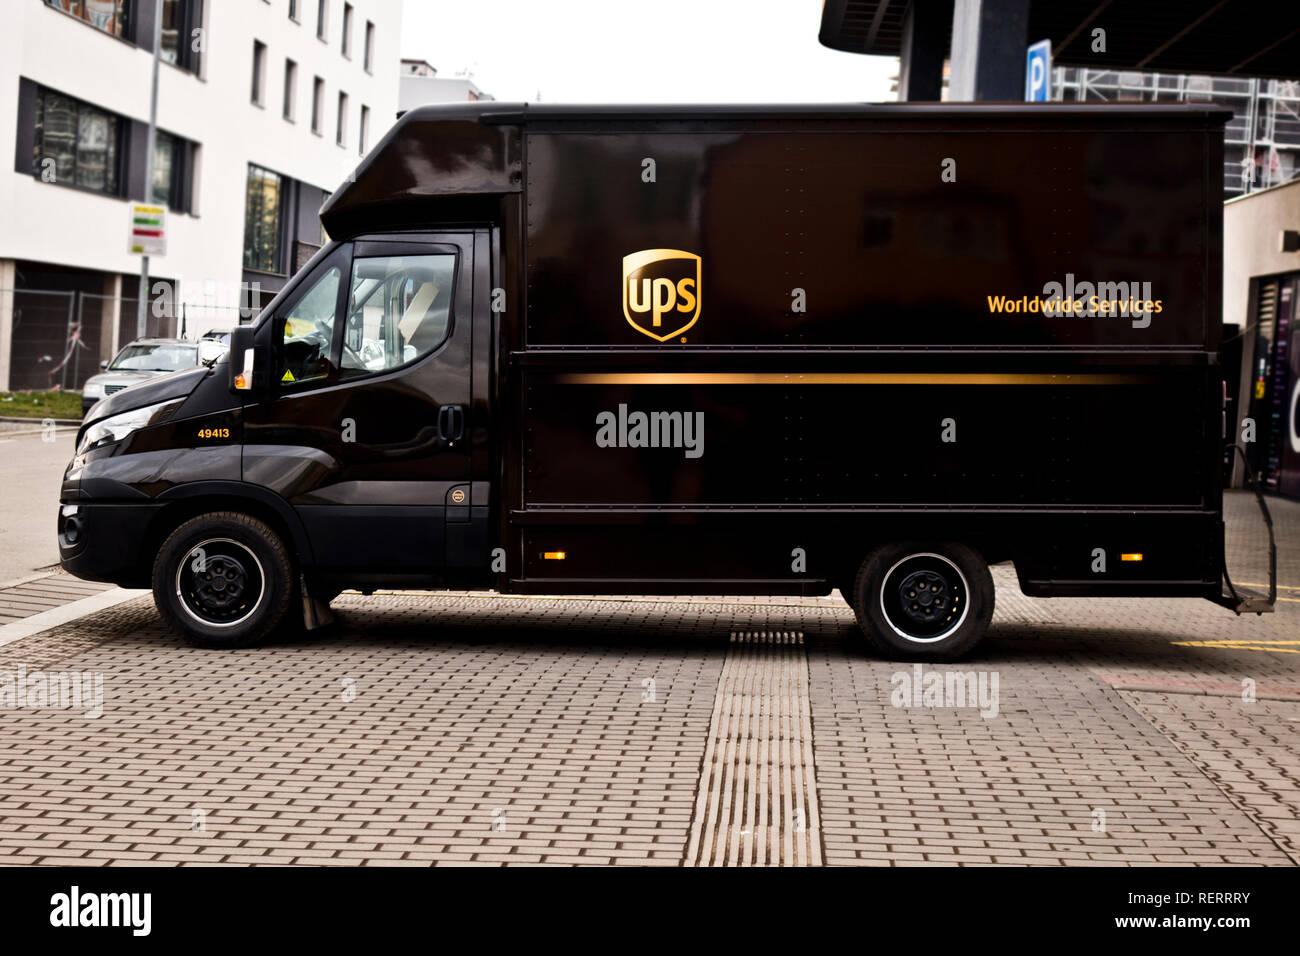 UPS LKW für Lieferung Stockbild